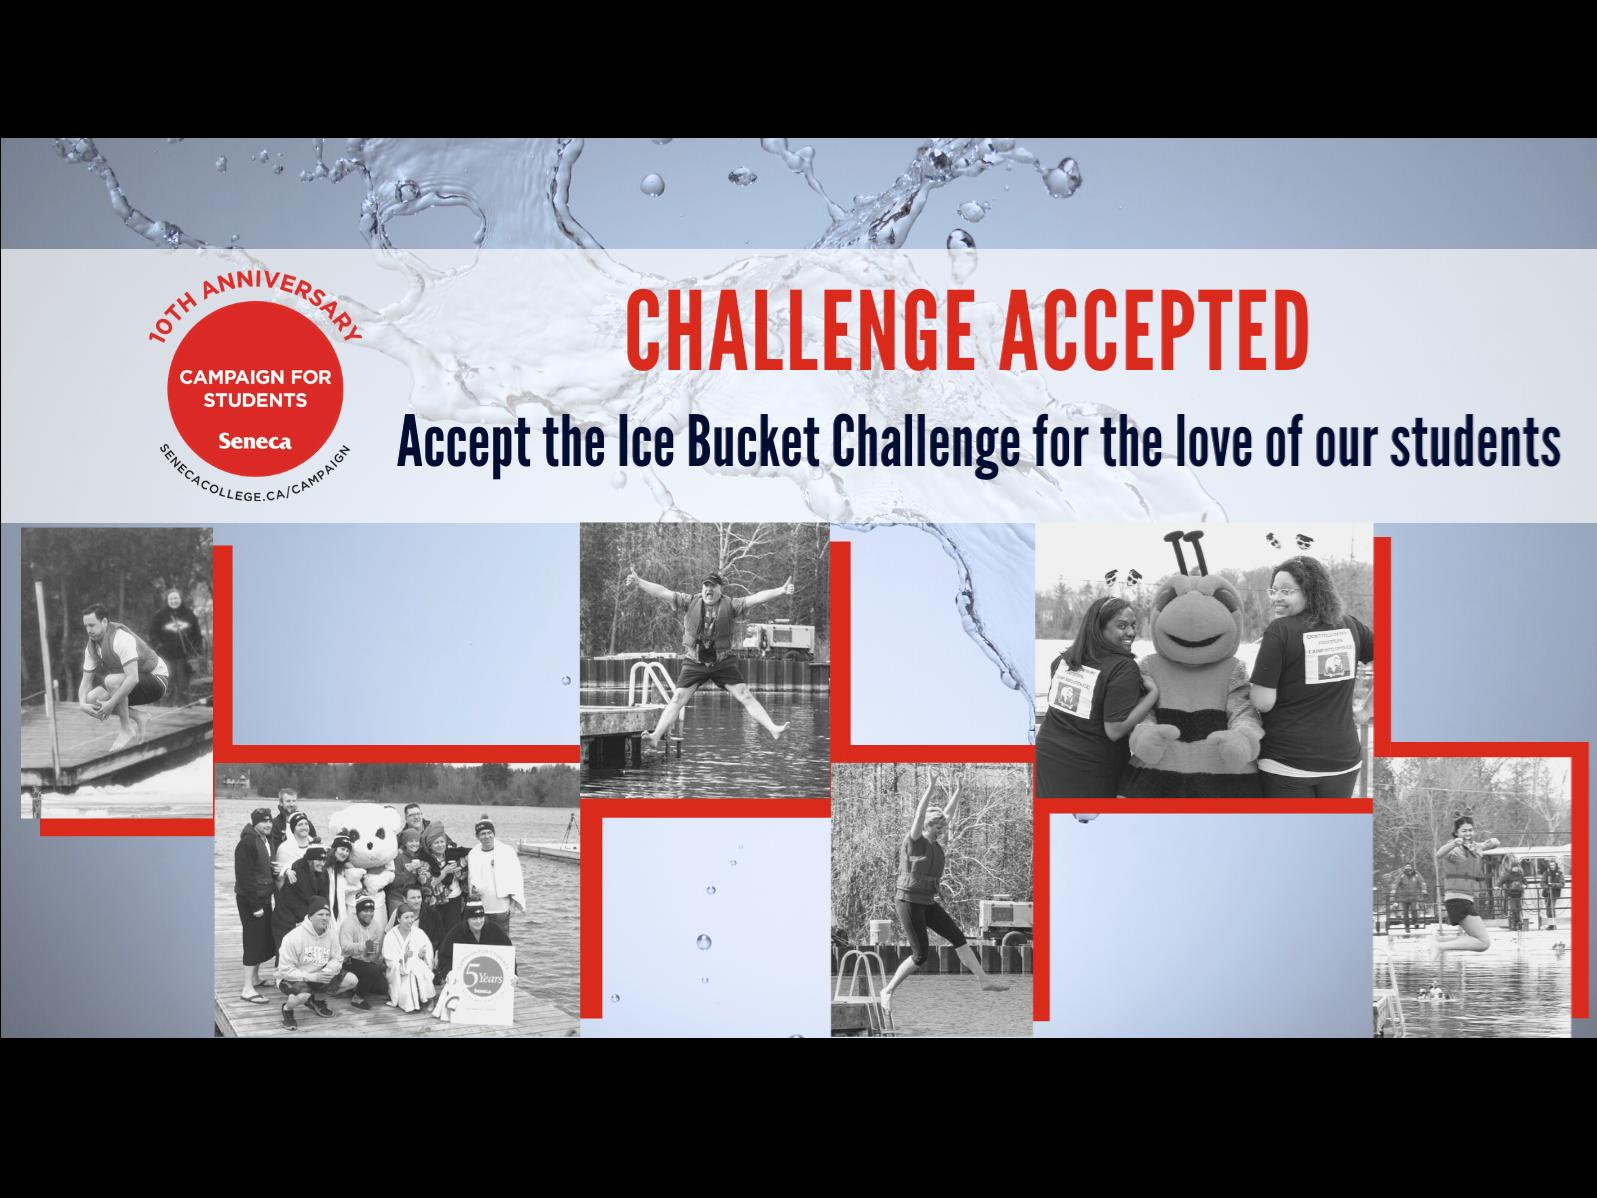 The 2021 Ice Bucket Challenge